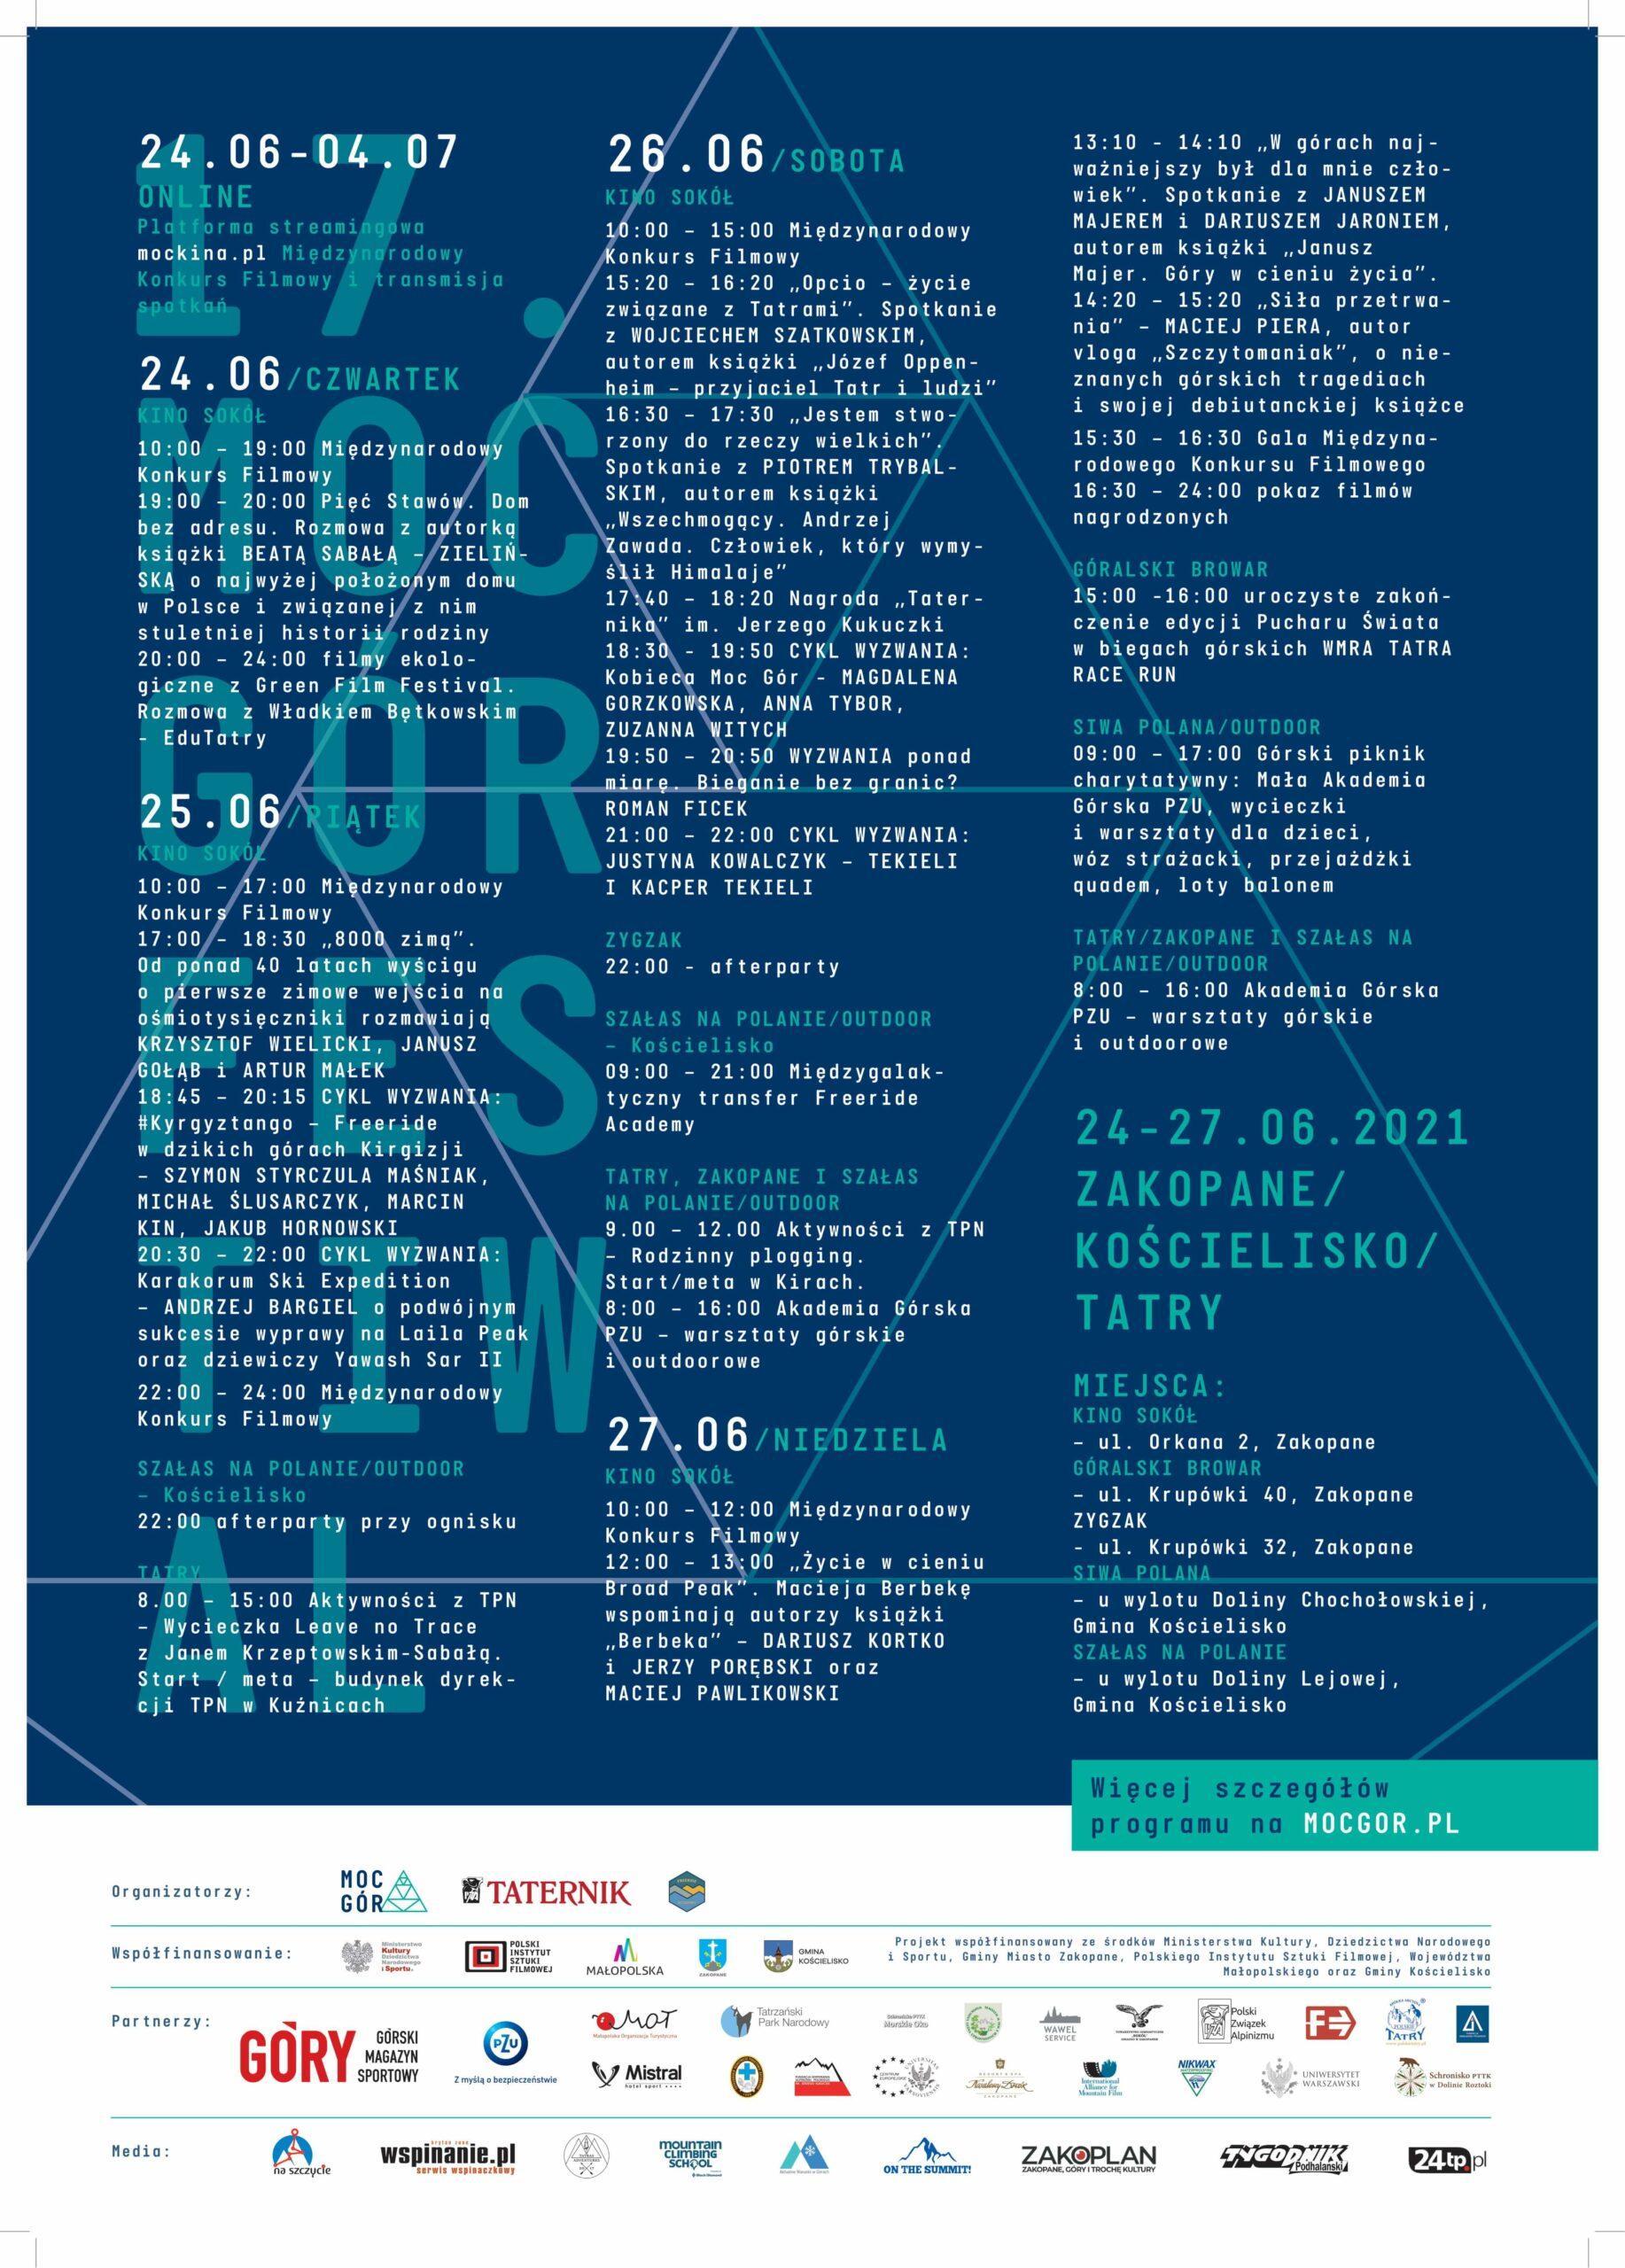 17. Moc Gór Festiwal: Międzynarodowy Konkurs Filmowy